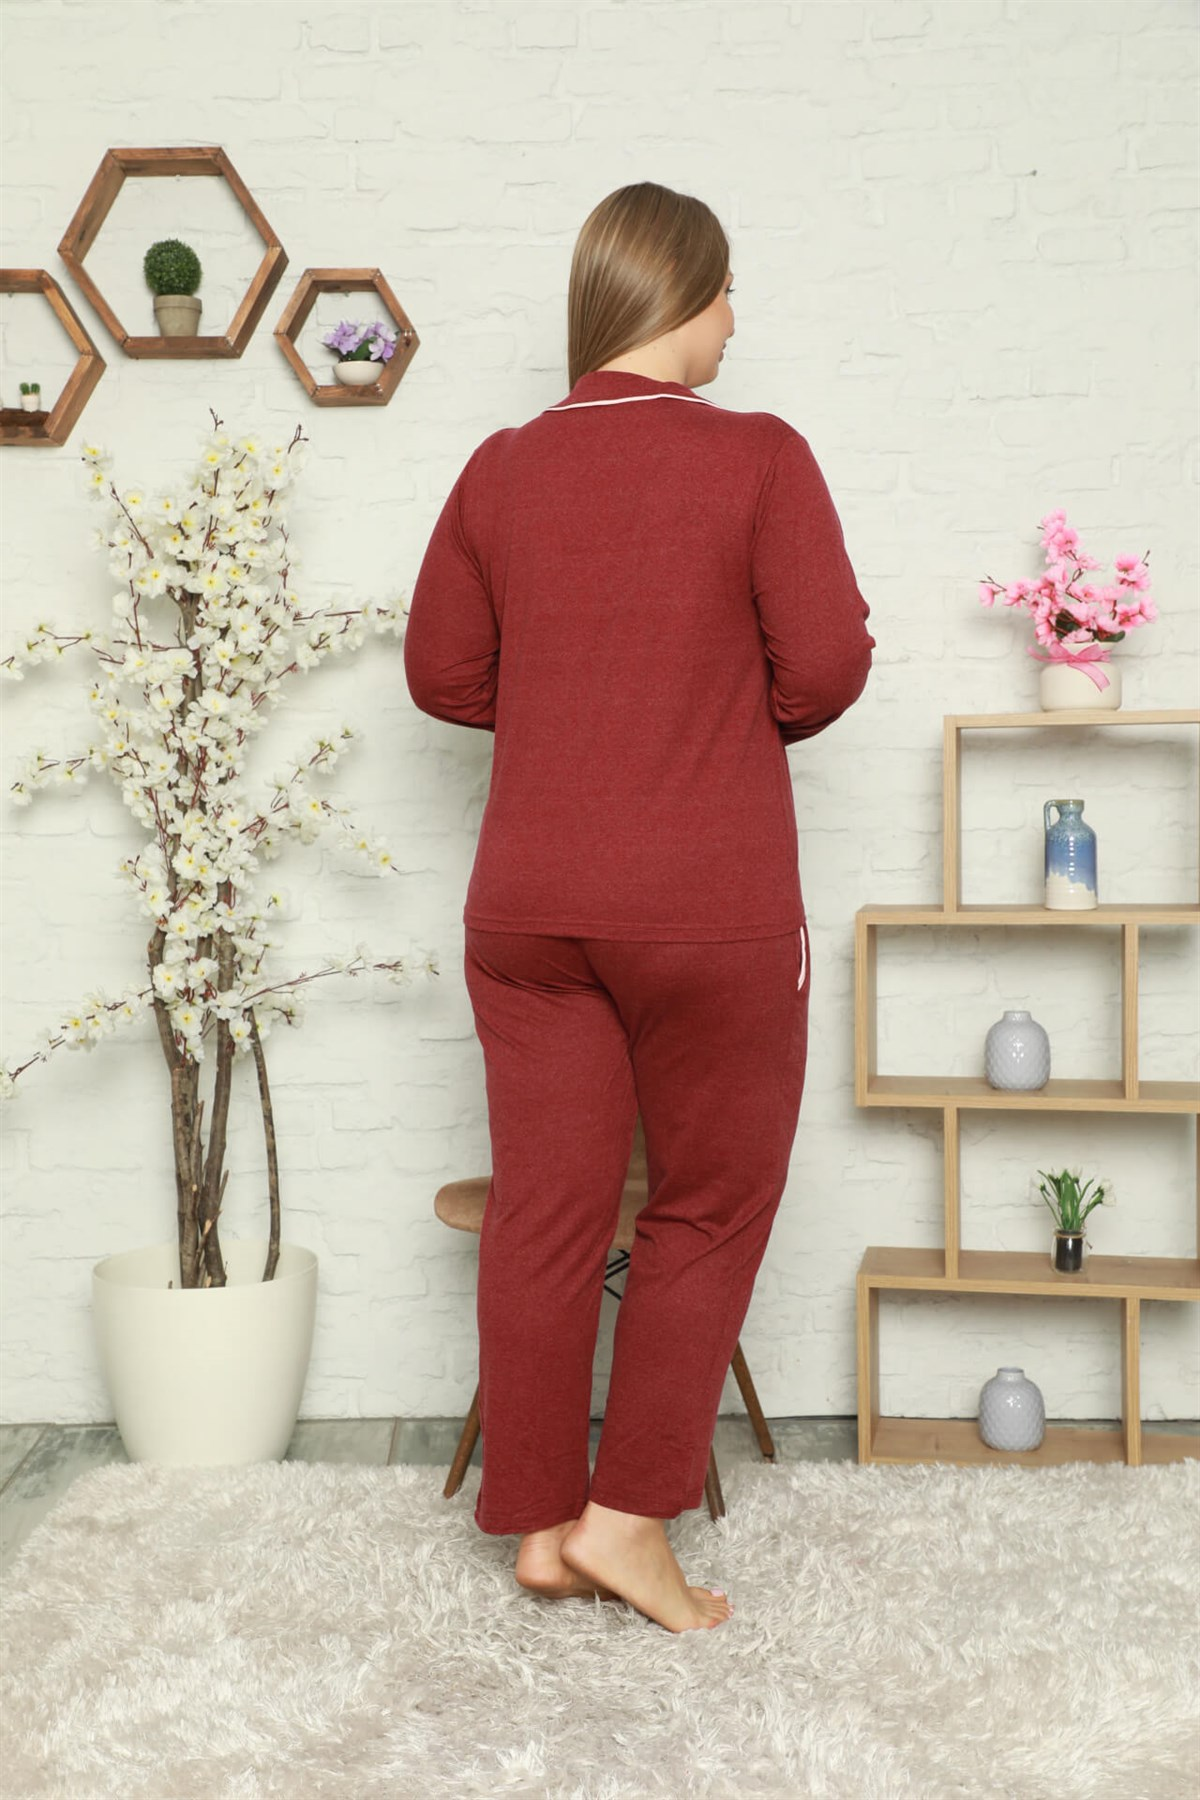 Moda Çizgi Kadın Pamuklu Cepli Uzun Kol Büyük Beden Pijama Takım 202051